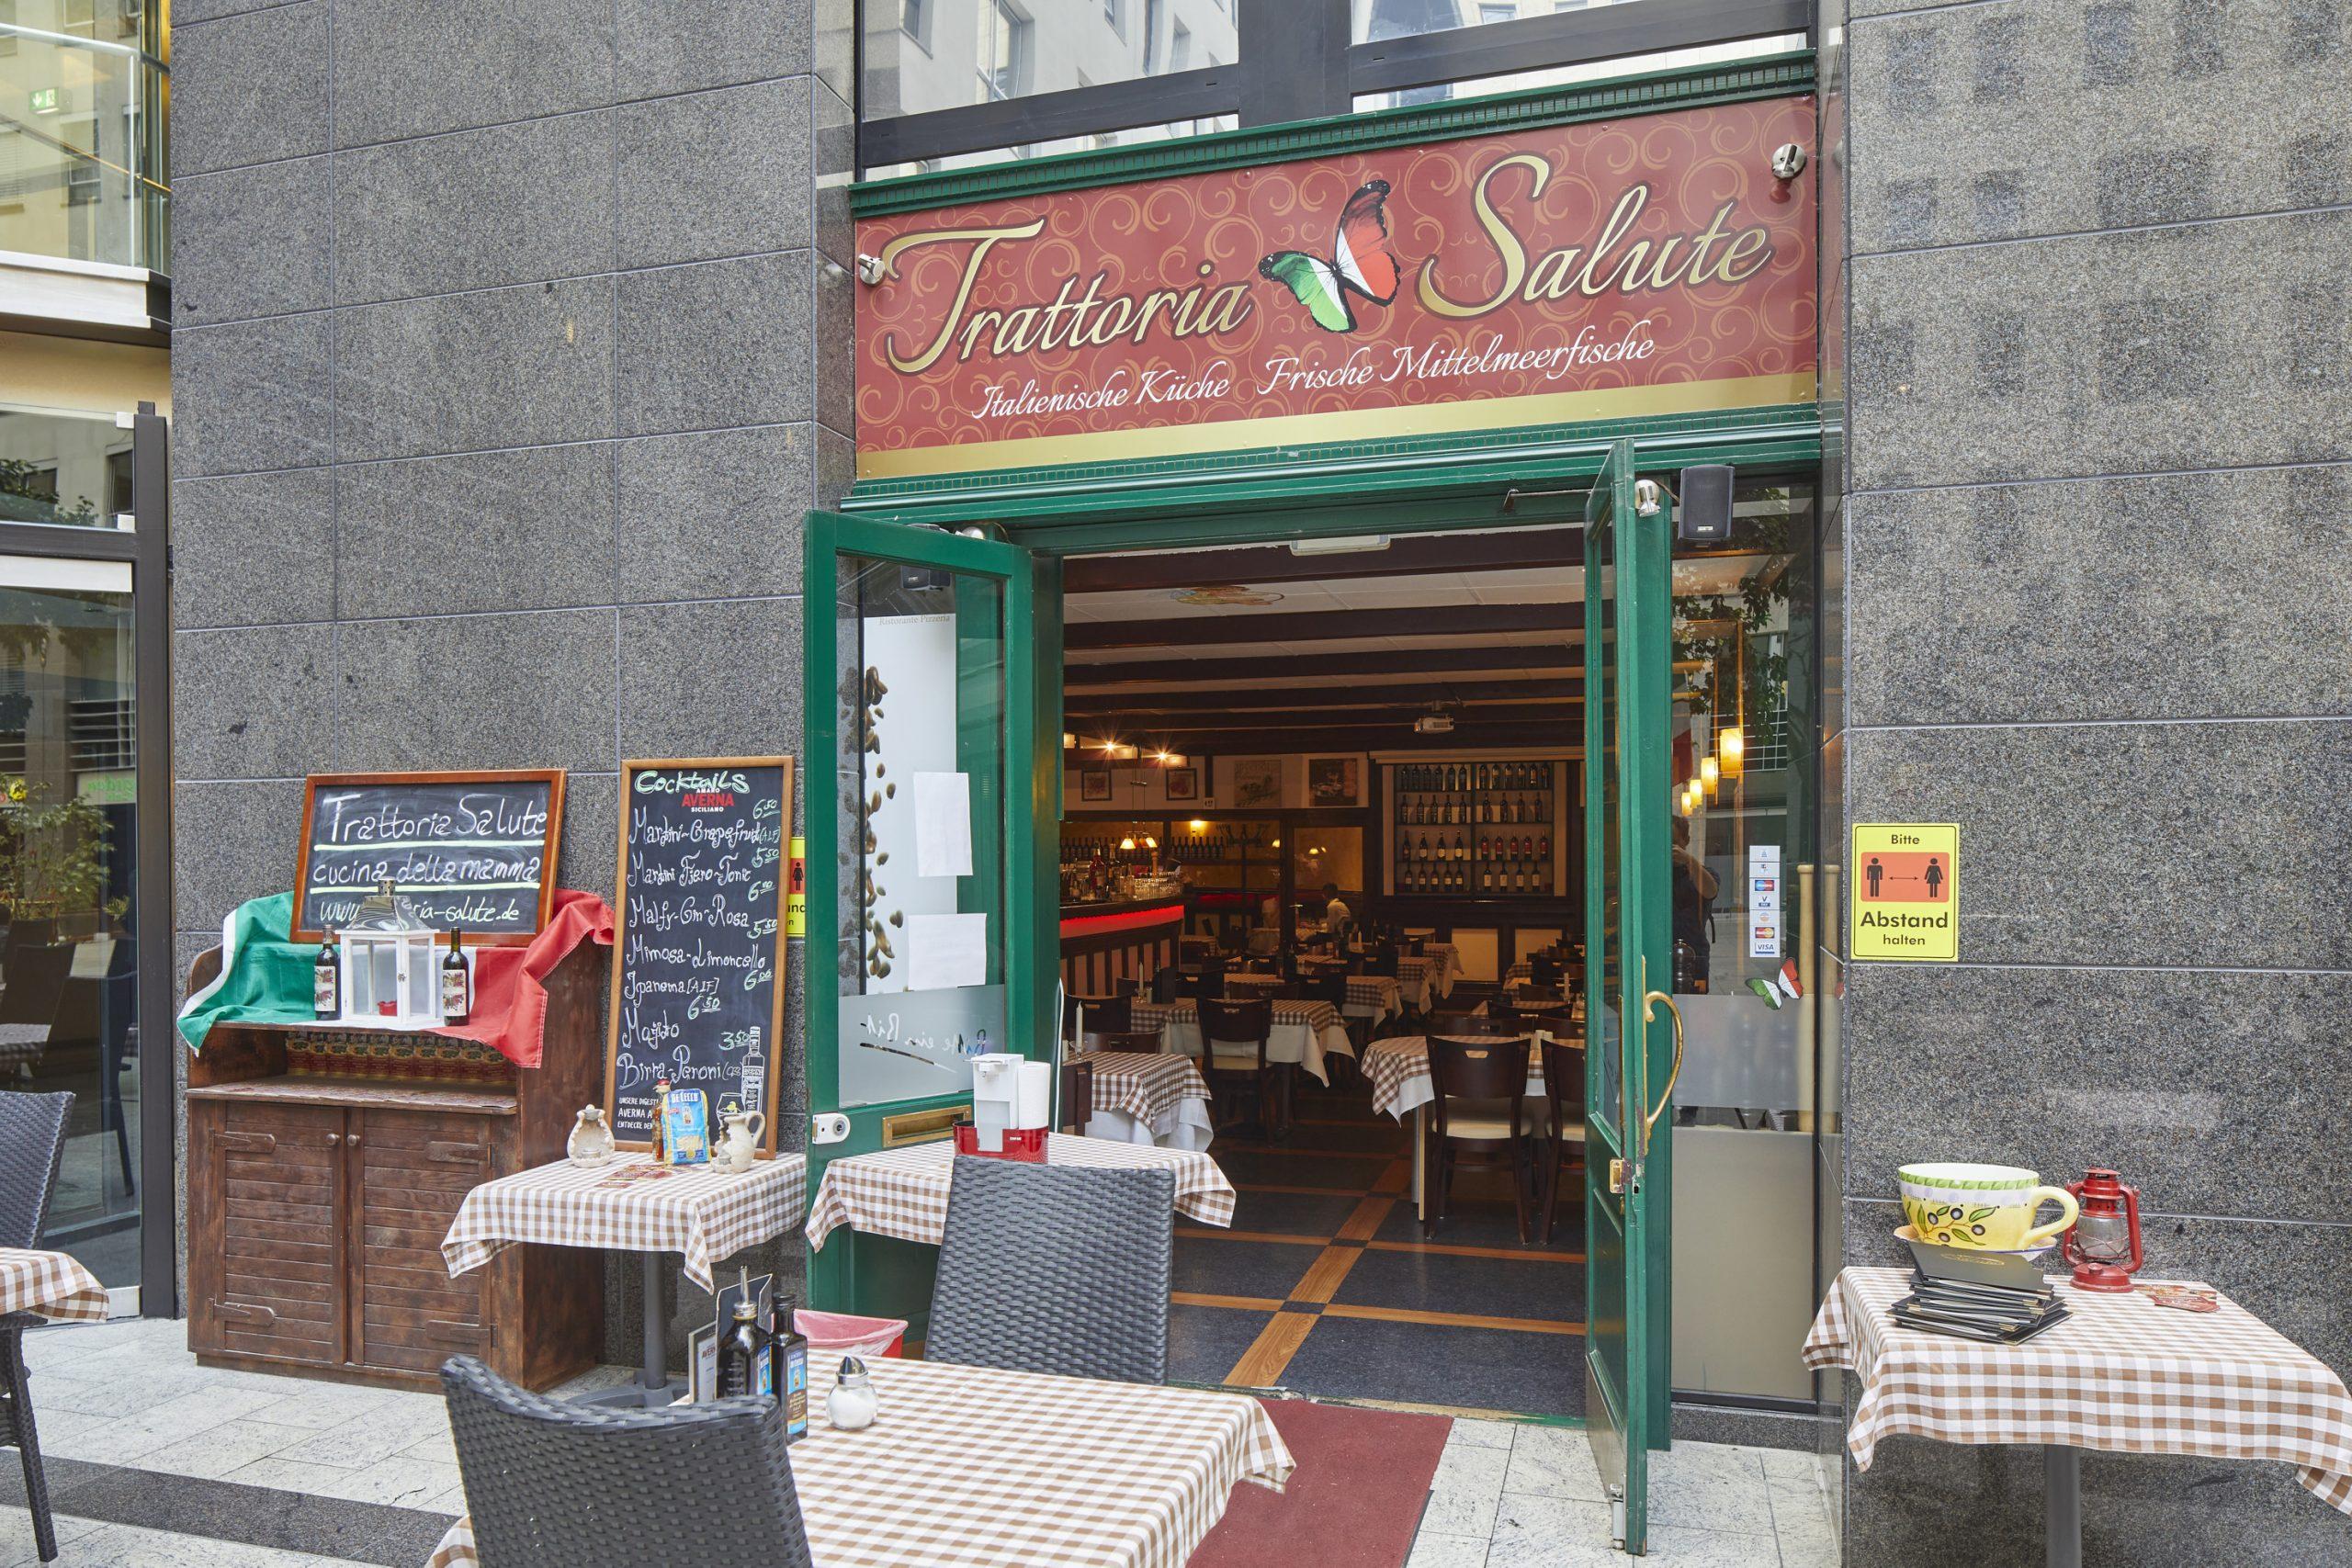 italienisches Restaurant Trattoria Salute im Plaza Frankfurter Allee Berlin